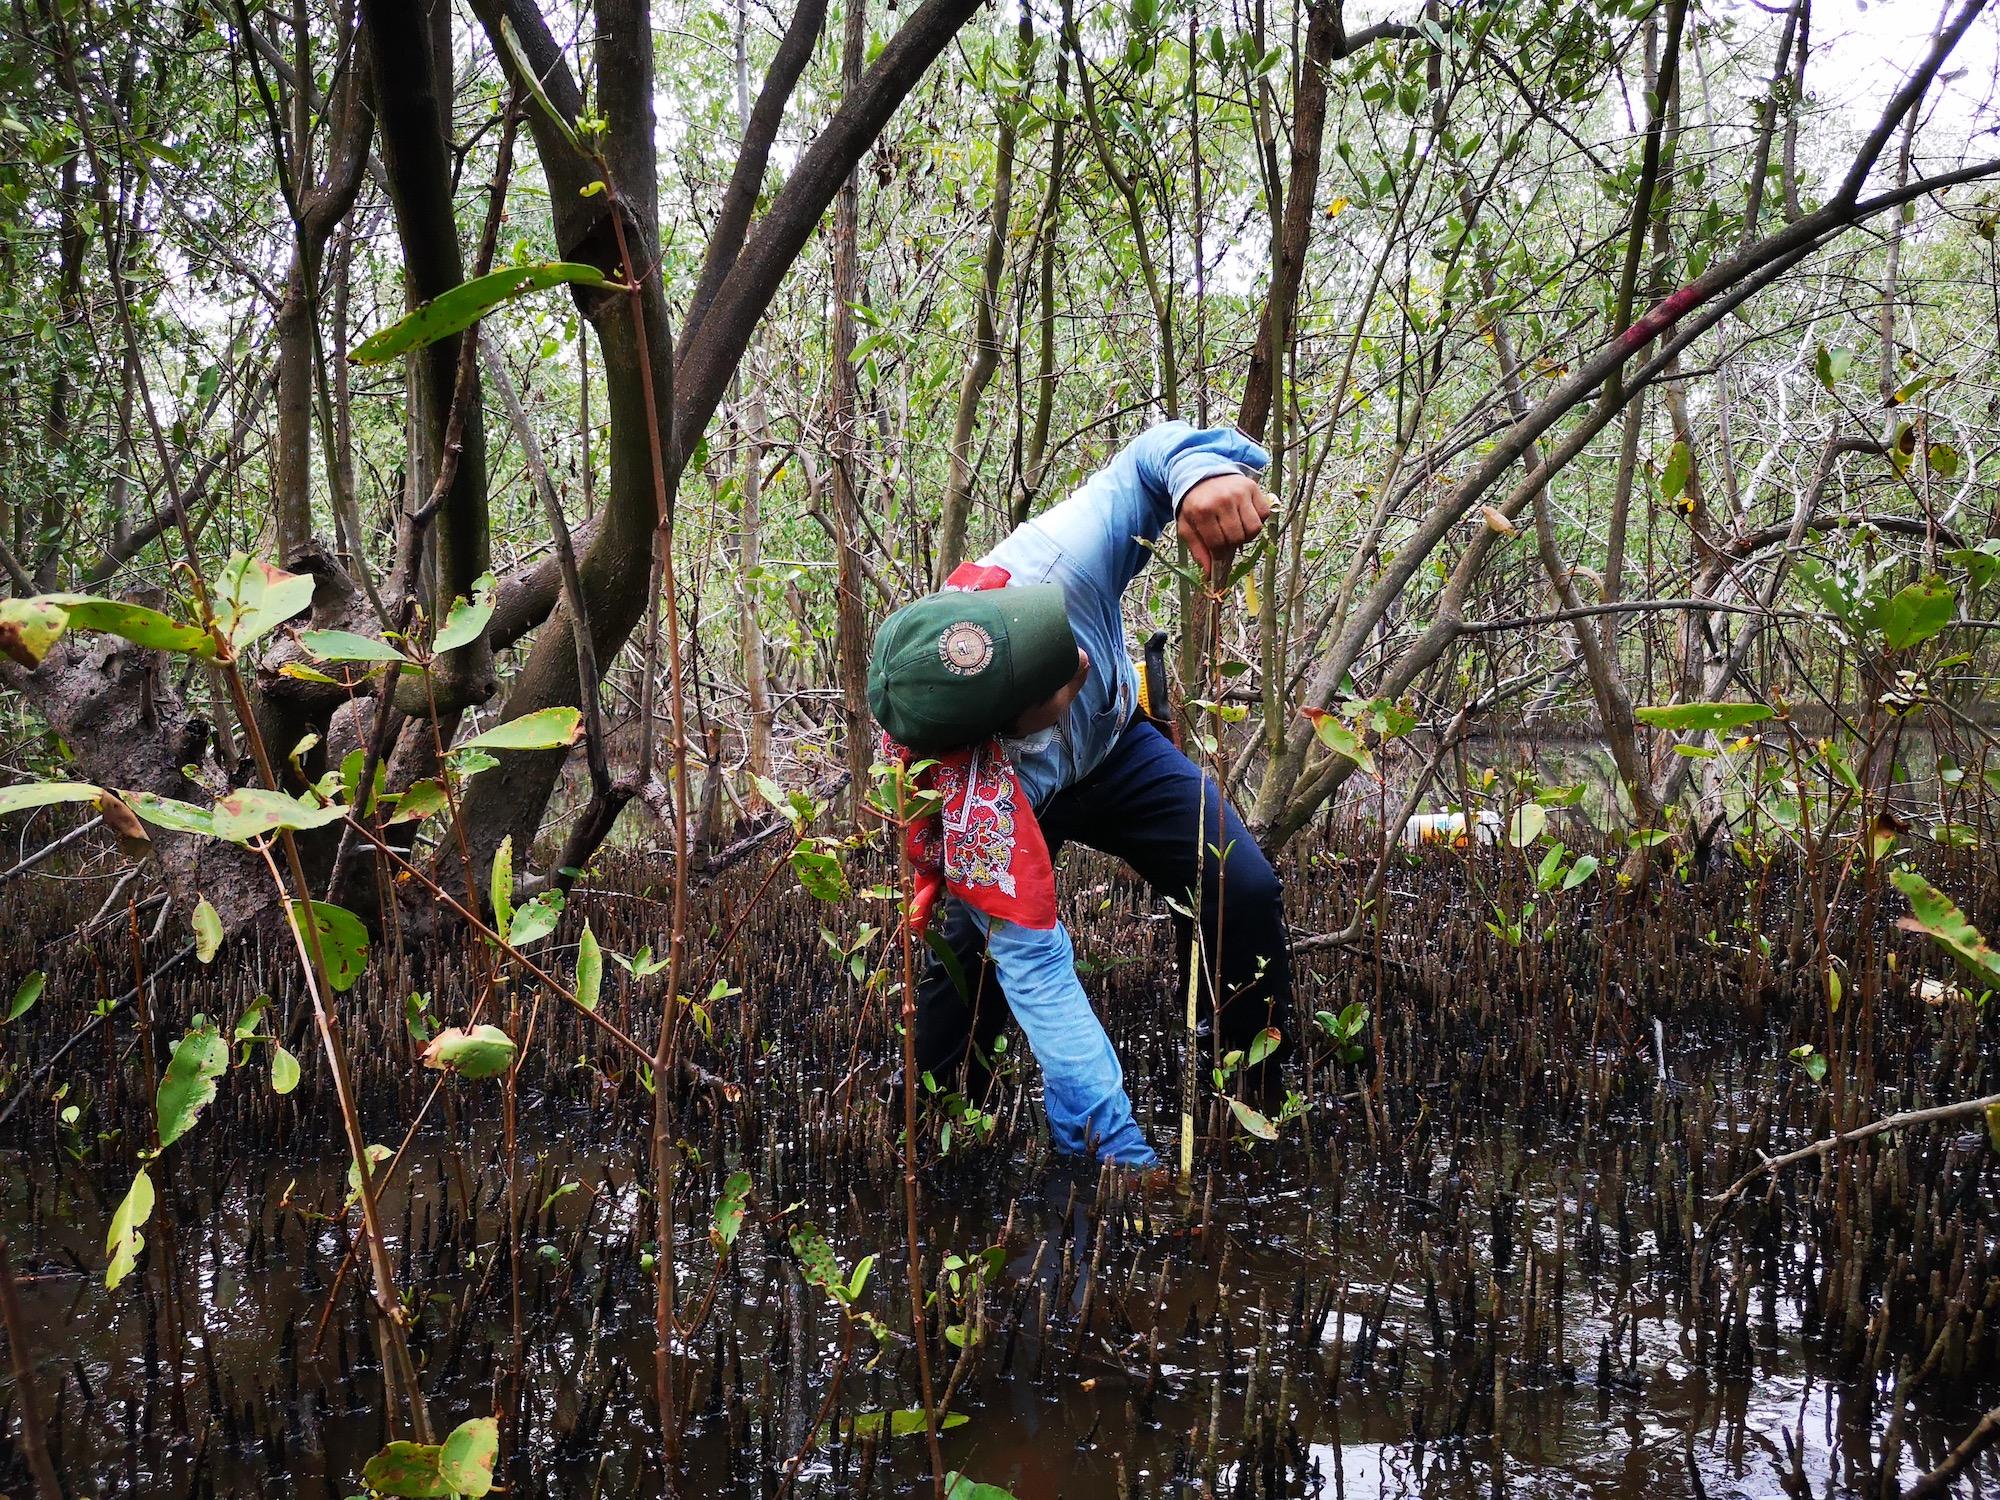 Conservación en Guatemala. Voluntario que ayuda a medir el tamaño de las plantas obtenidas por regeneración natural. Foto: César J. Zacarías-Coxic /INAB.